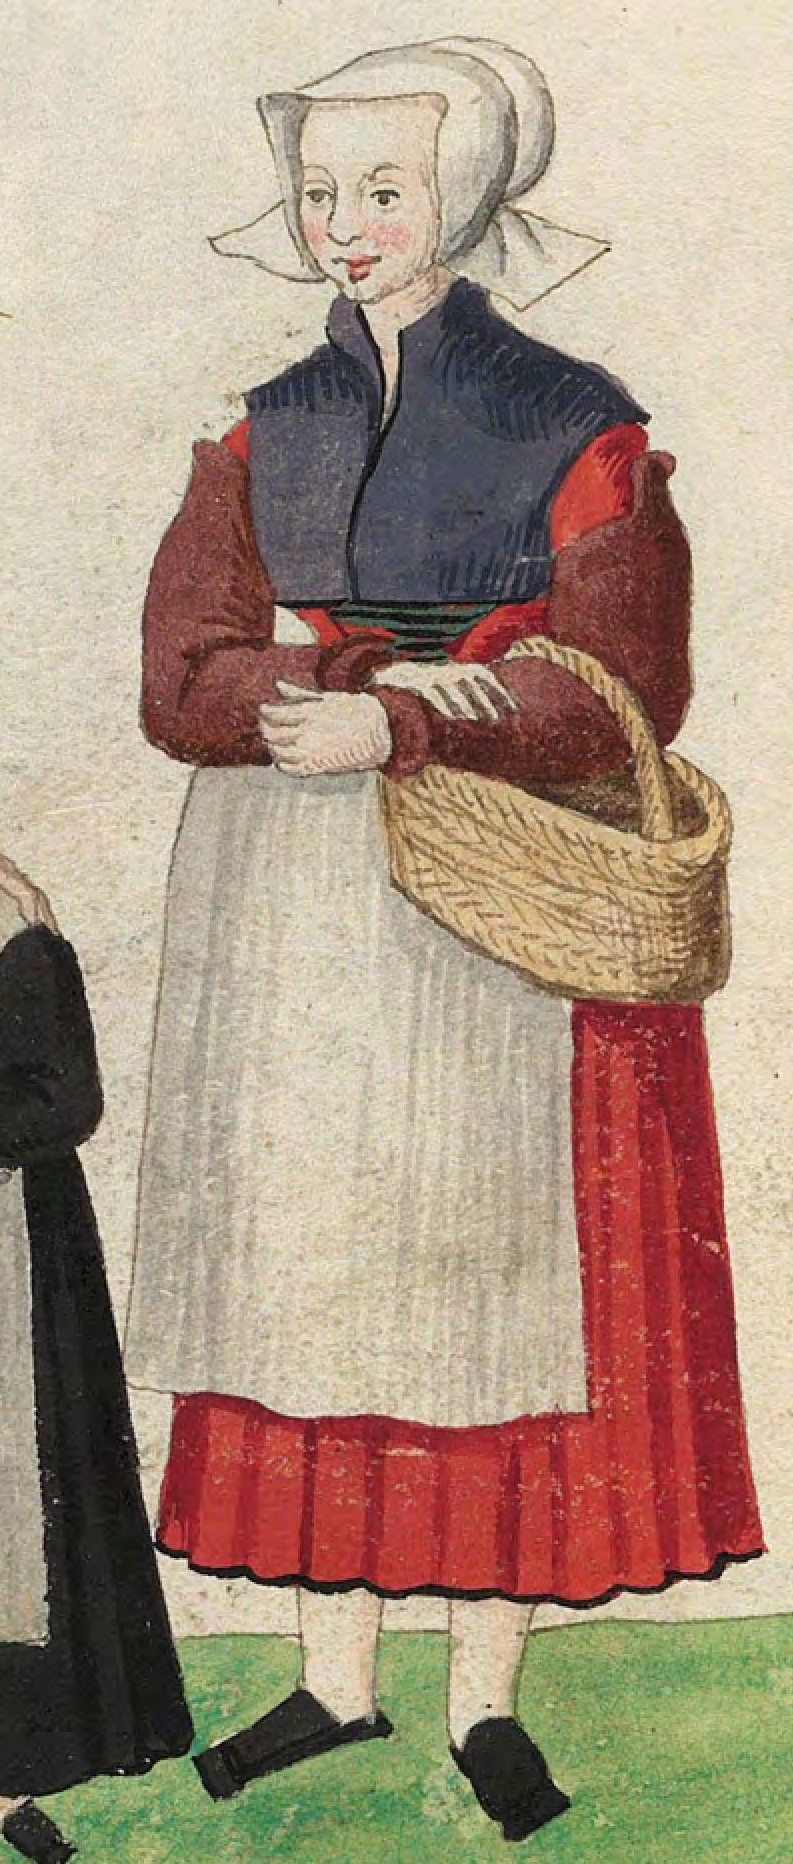 1540s Cologne Burger. Fig. 3, plate 45v, Codice de trajes, Christoph Weiditz. BNE bdh0000052132